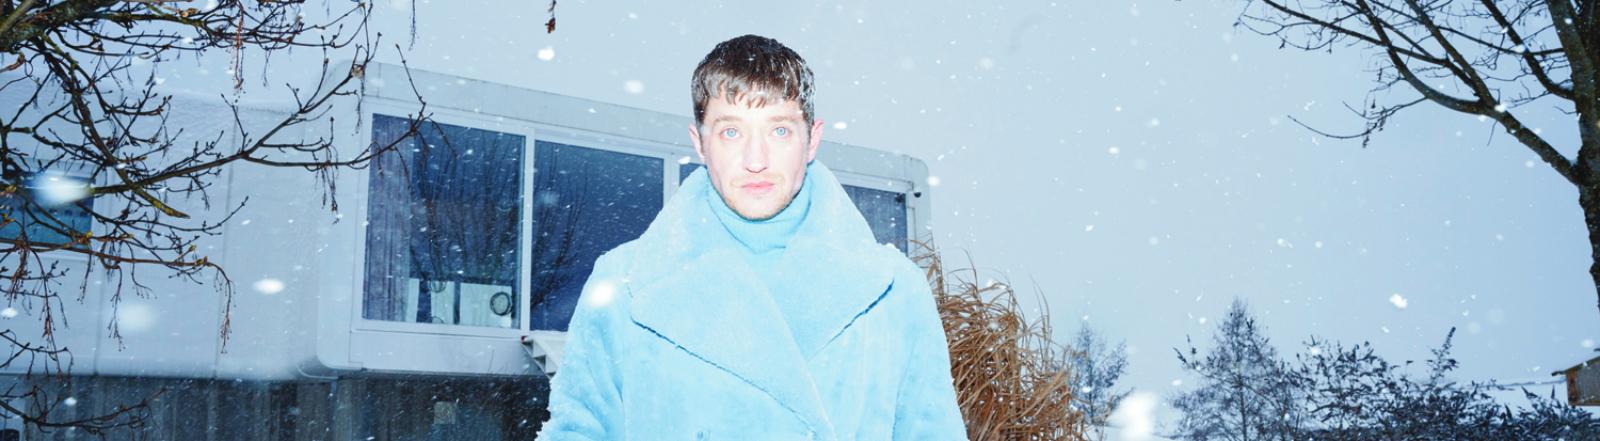 Im Schnee und zwischen Bäumen: der Rapper und Musikproduzent Maeckes, geblitzt im Garten